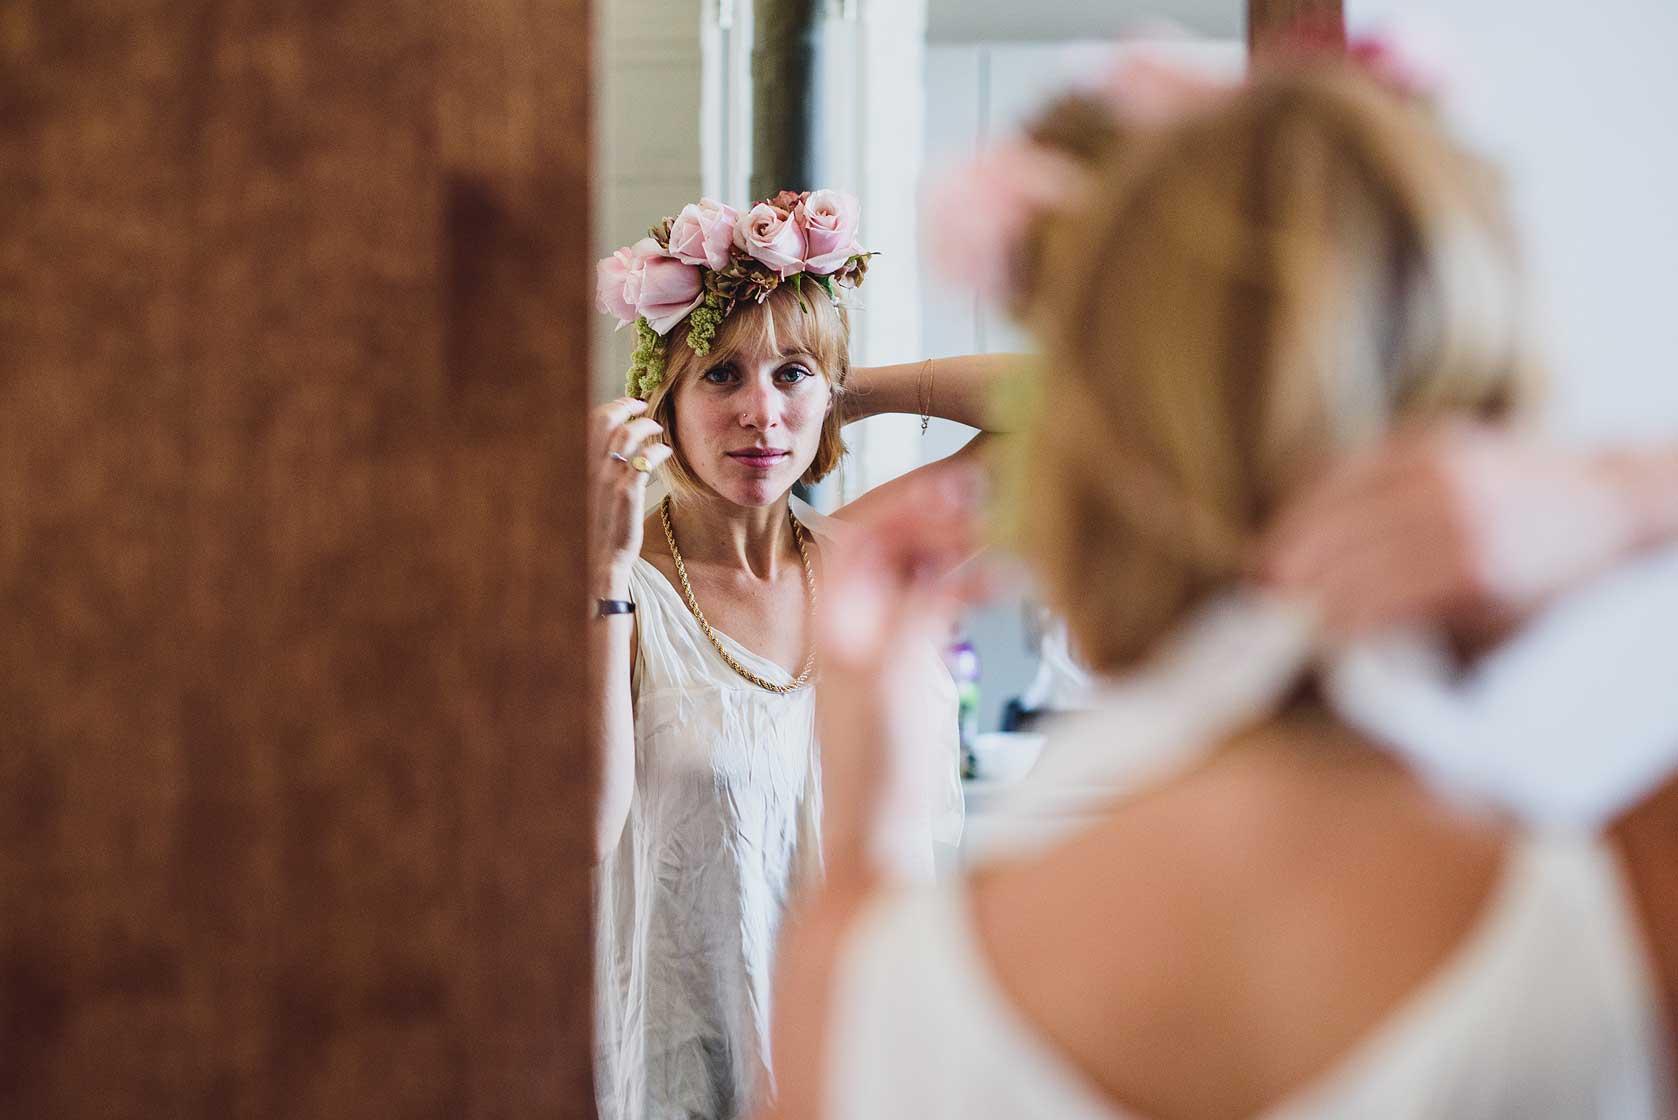 Reportage Wedding Photography in Hackney